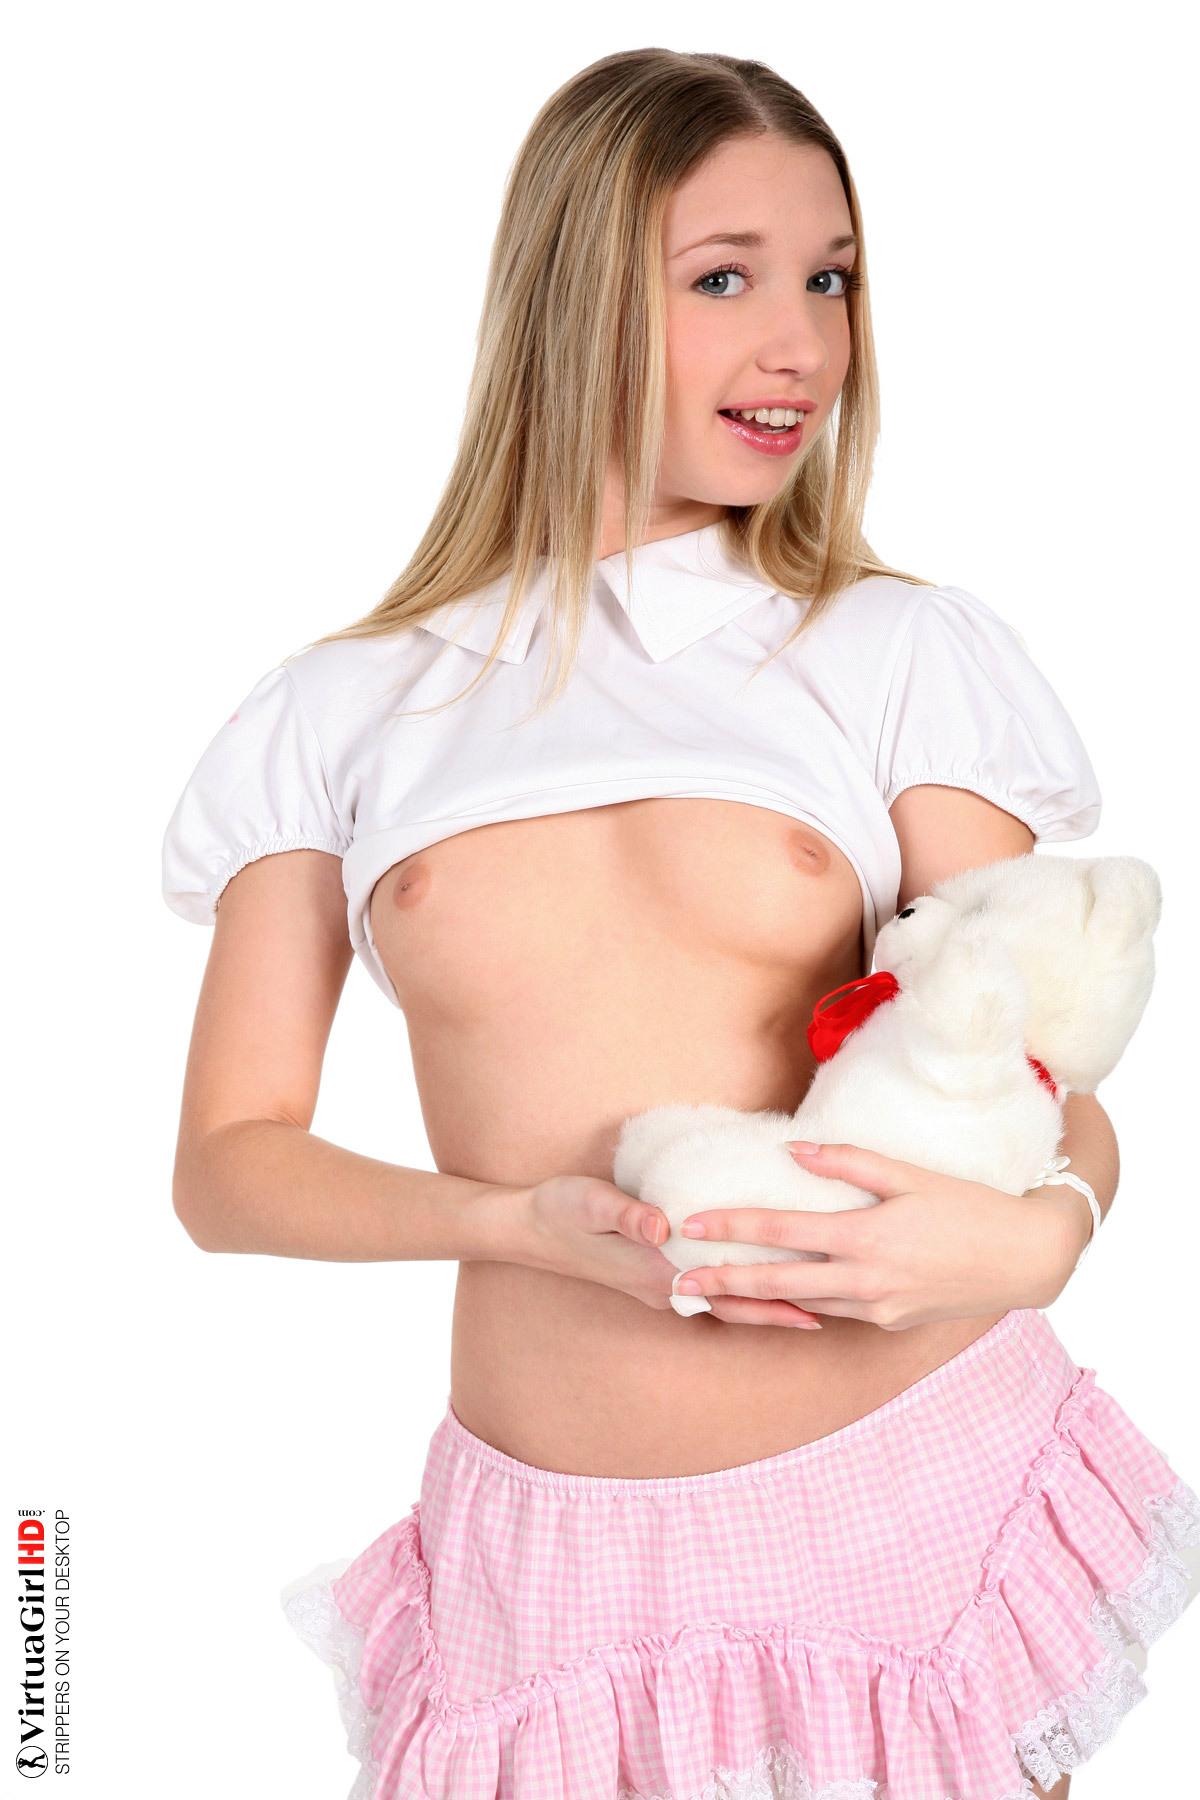 hot teen girls stripping